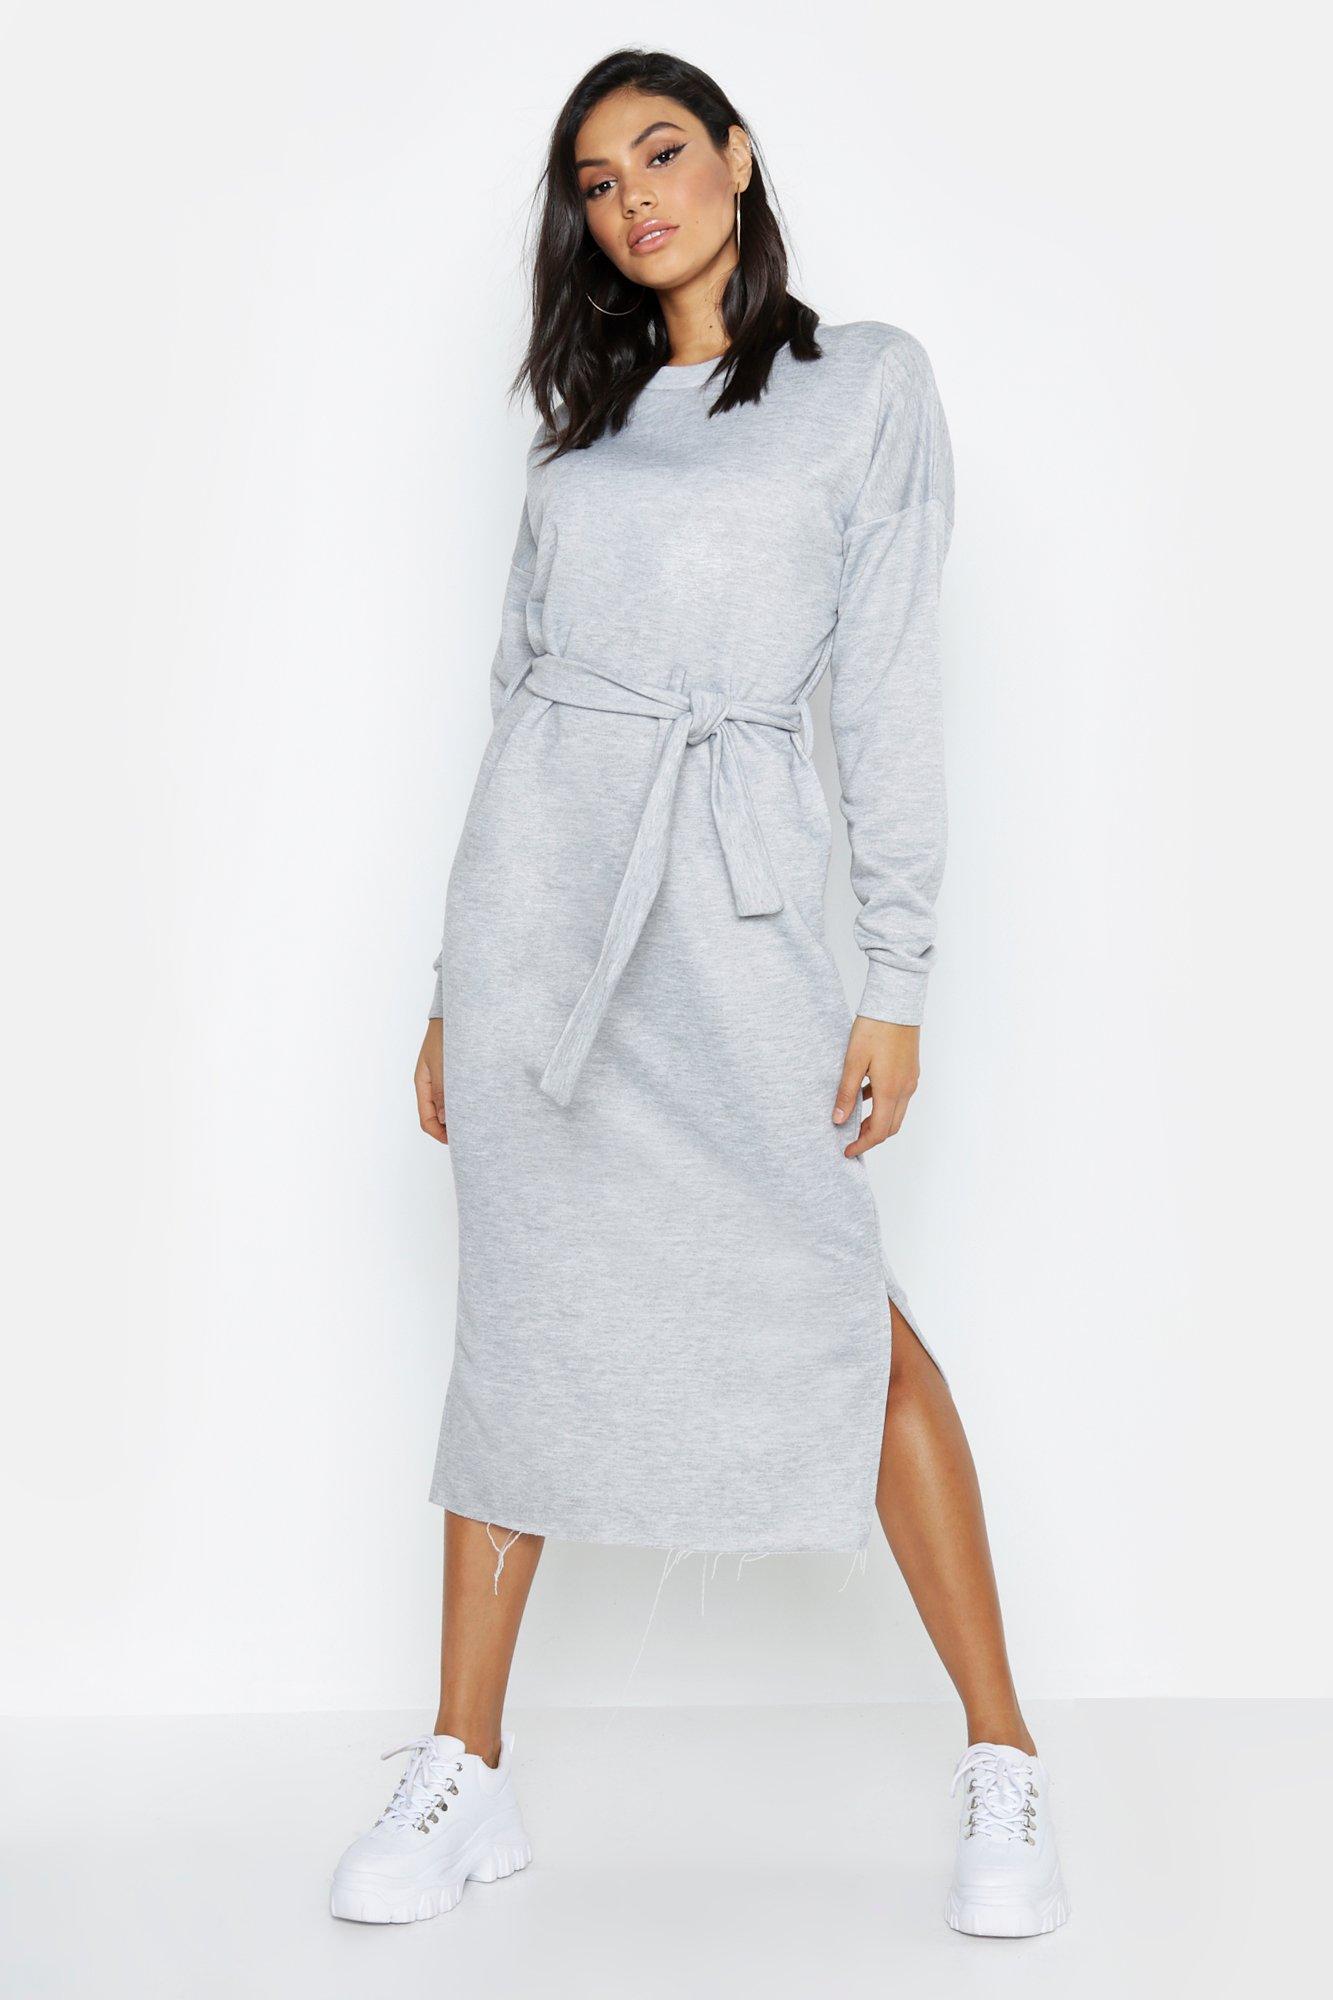 Купить К нам поступают платья, Из коллекции <Tall> Спортивное платье миди с поясом, boohoo